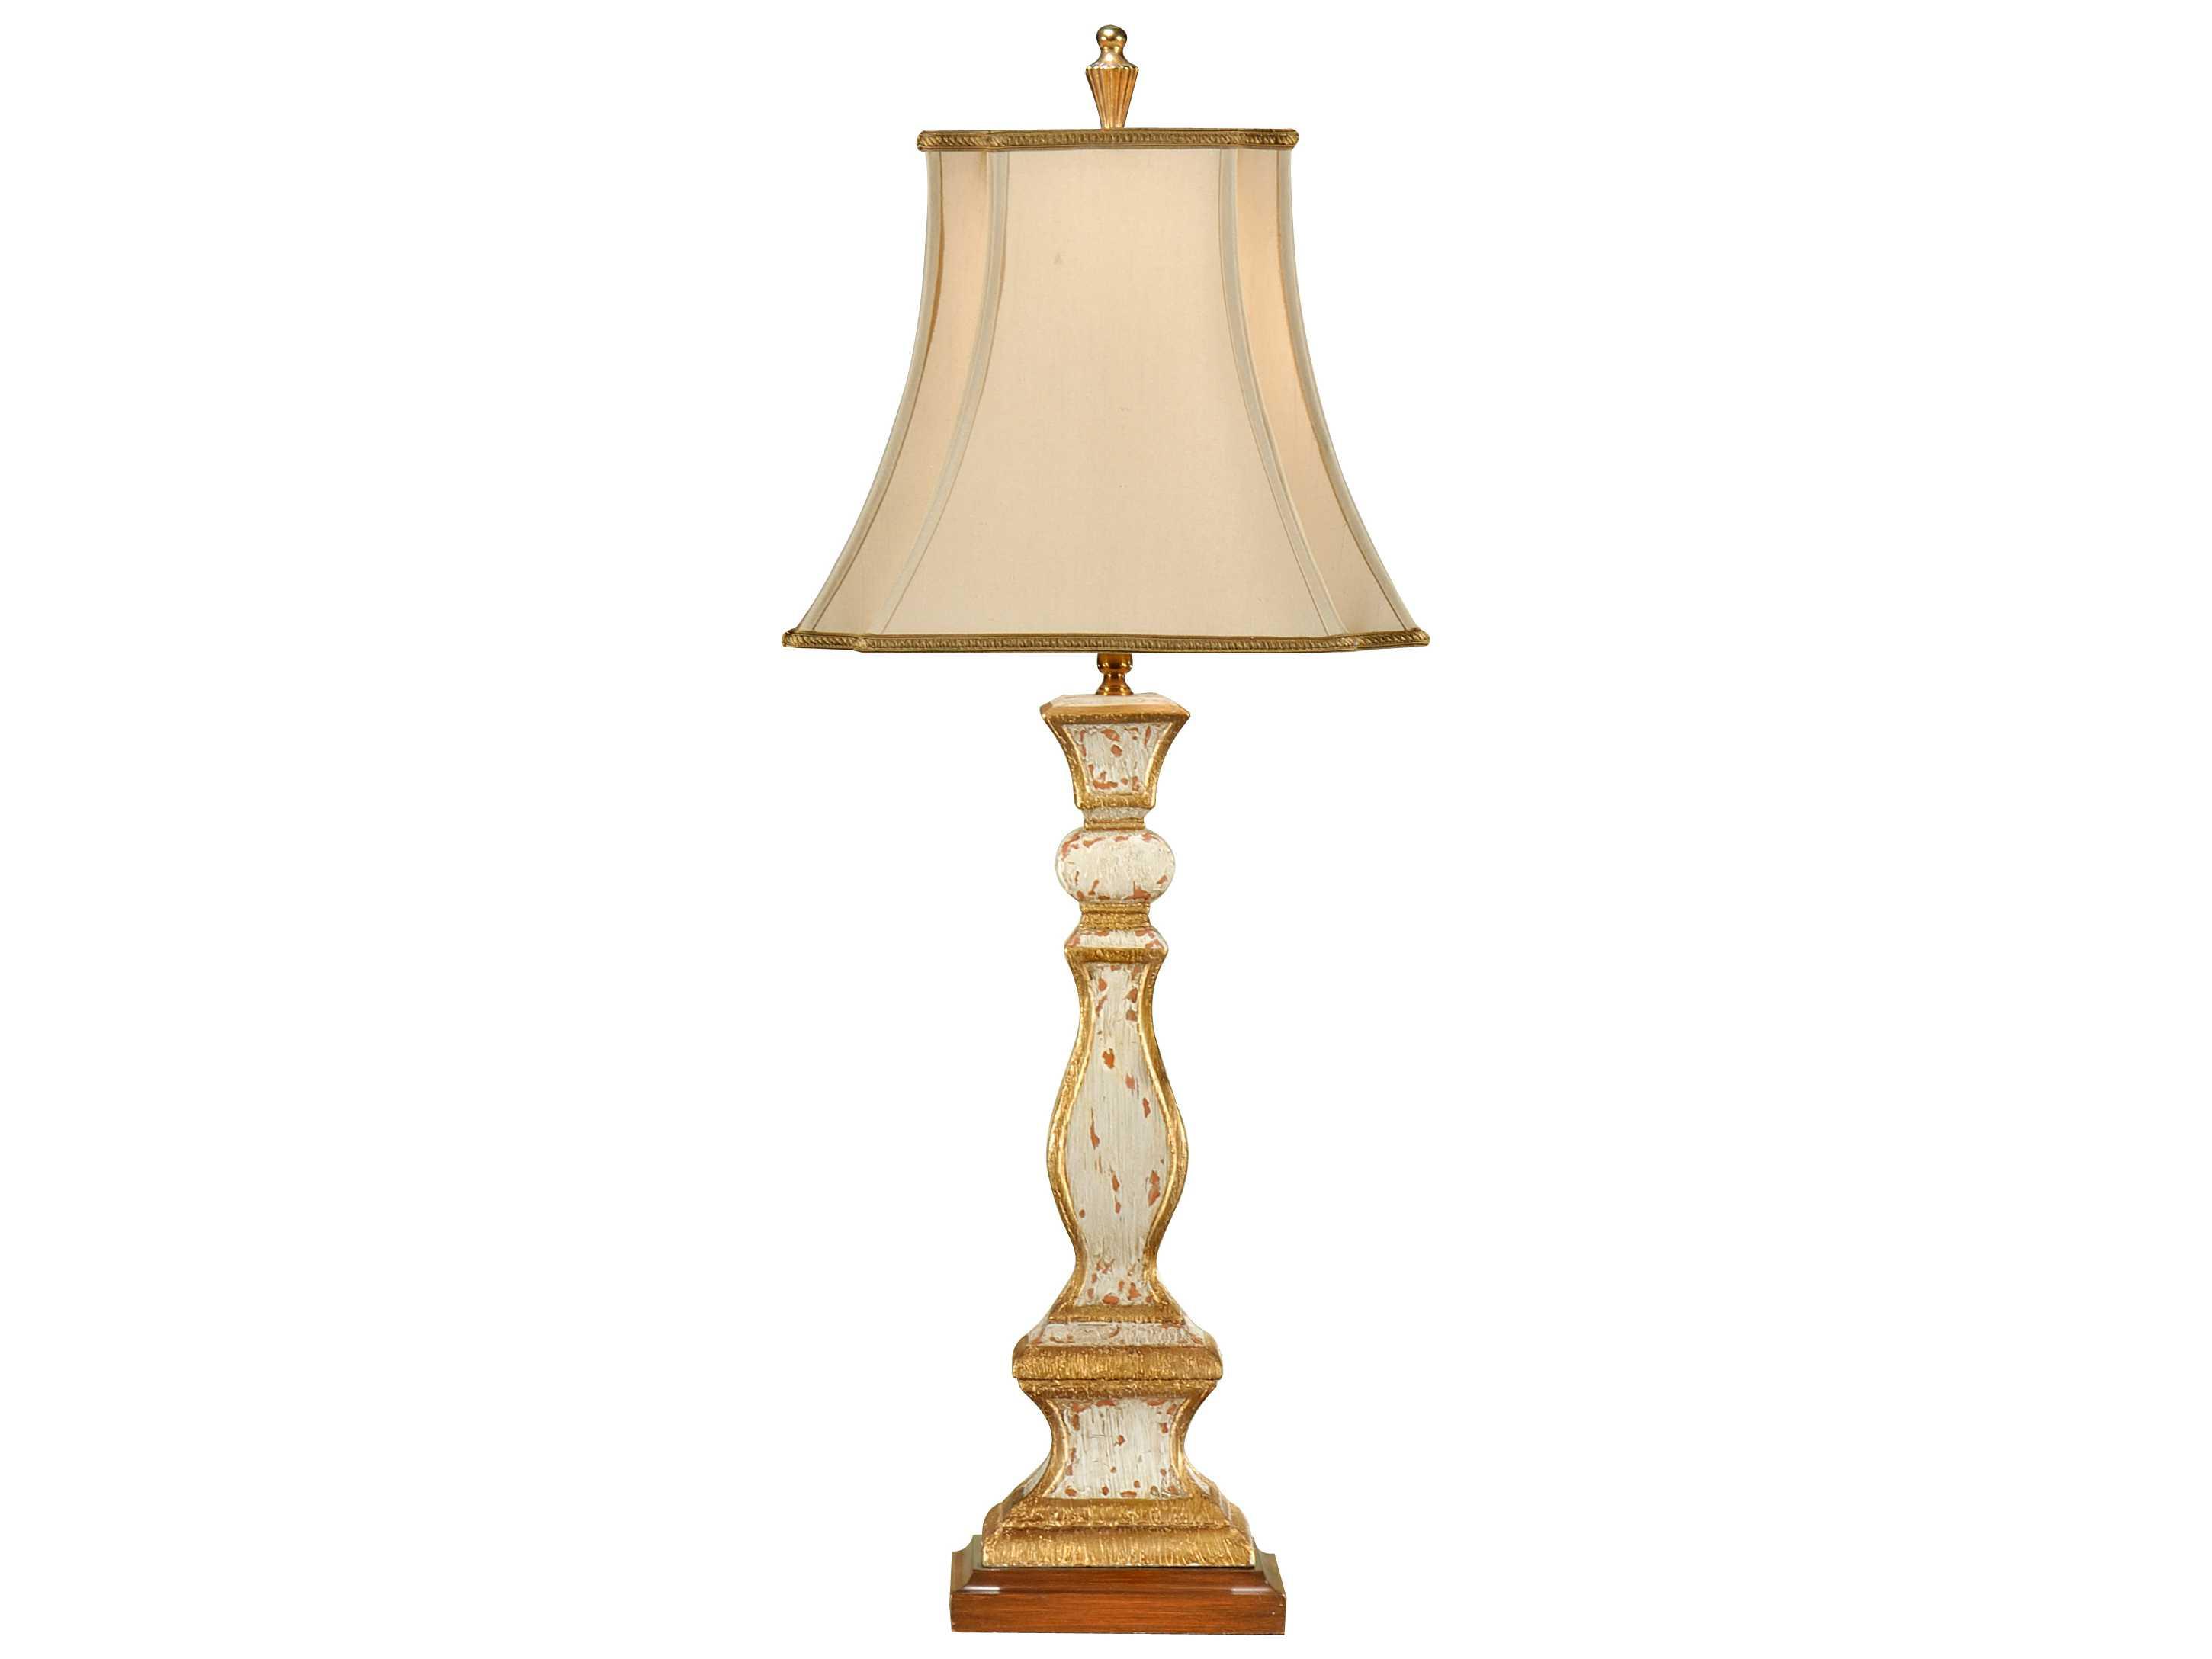 wildwood lamps old worn antiqued old white gold column. Black Bedroom Furniture Sets. Home Design Ideas